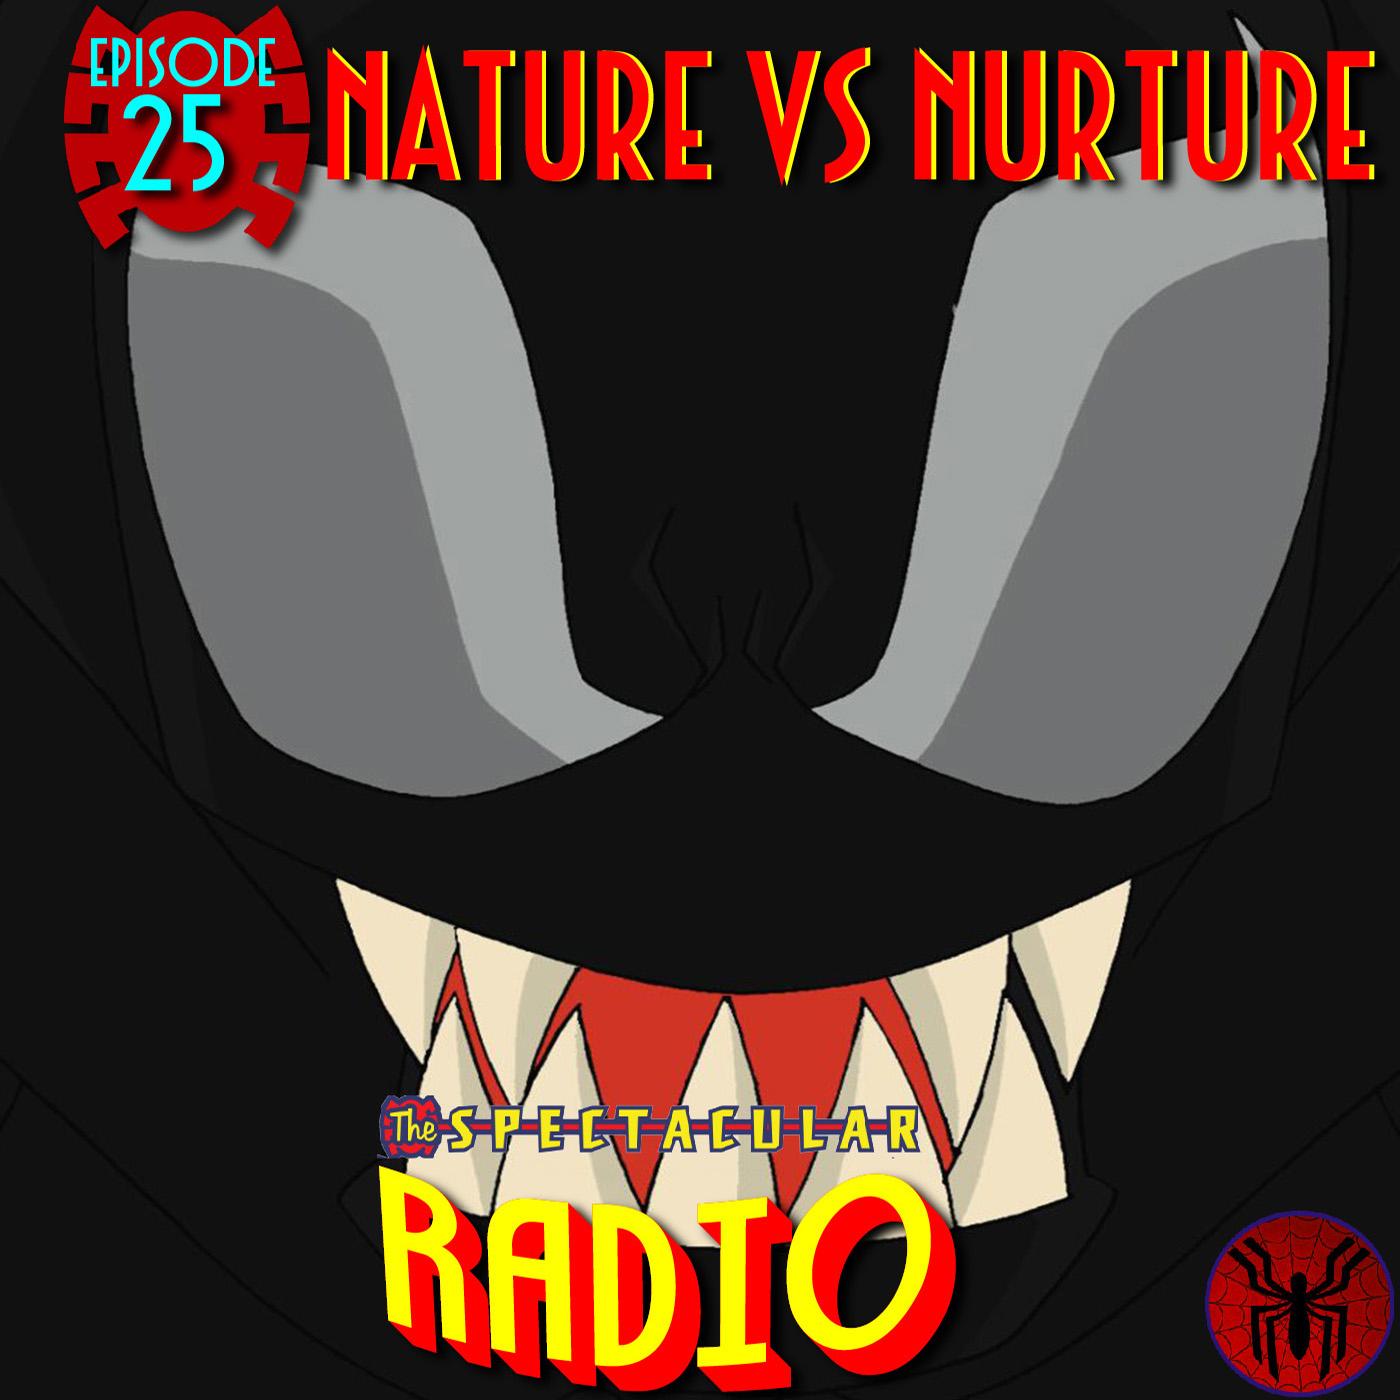 """Spectacular Radio Episode 25: """"Nature vs Nurture"""" With Greg Weisman & Ben Diskin"""